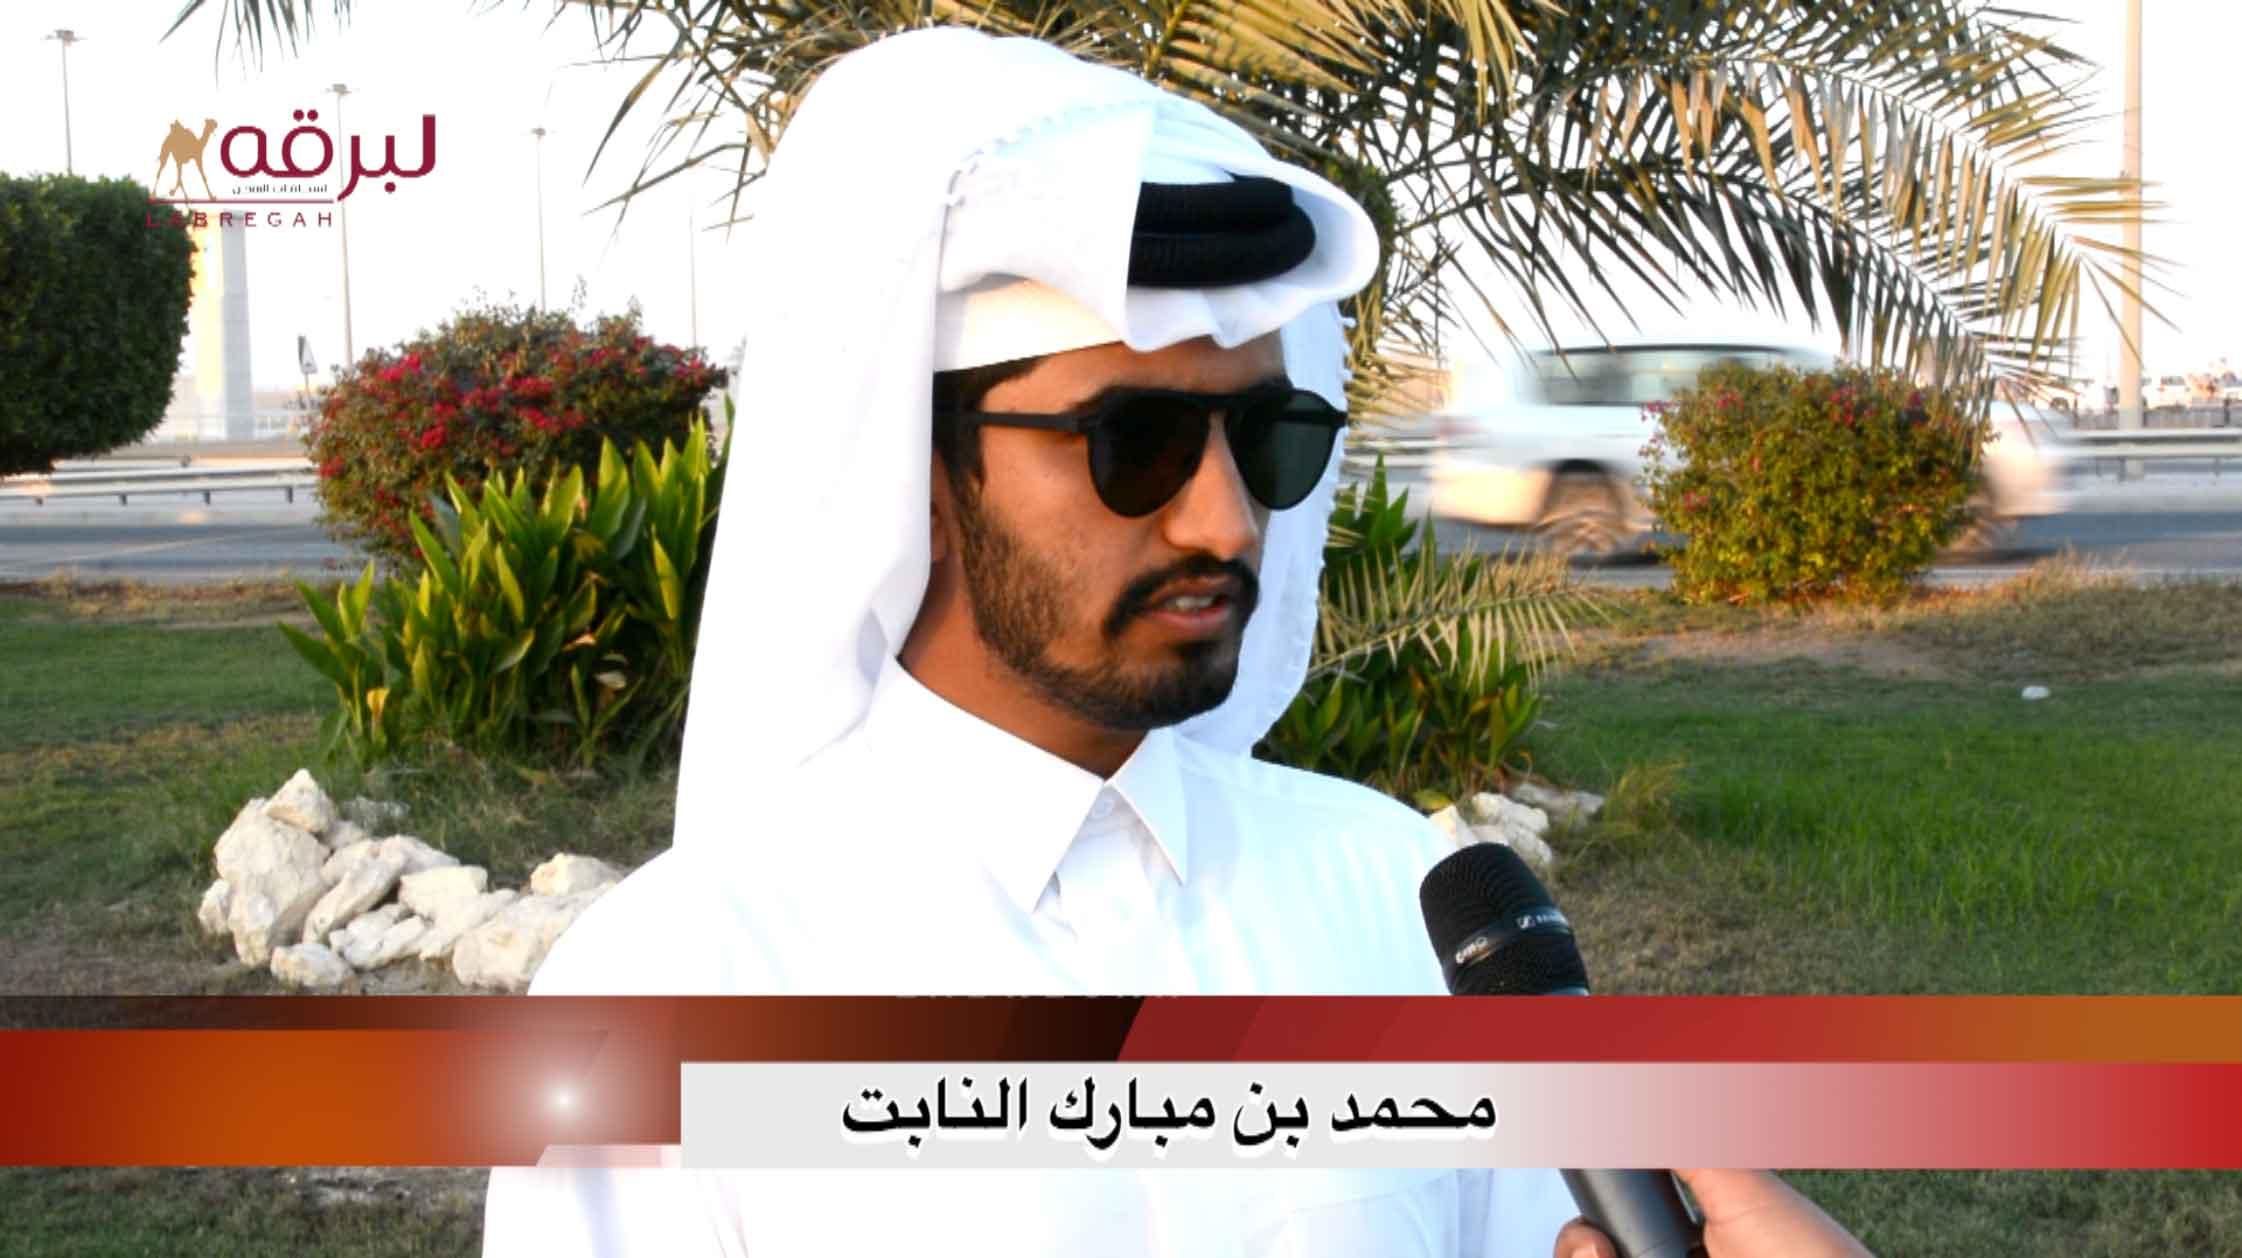 لقاء مع محمد بن مبارك النابت.. الشوط الرئيسي للحقايق بكار مفتوح الأشواط المفتوحة  ٤-١١-٢٠٢٠